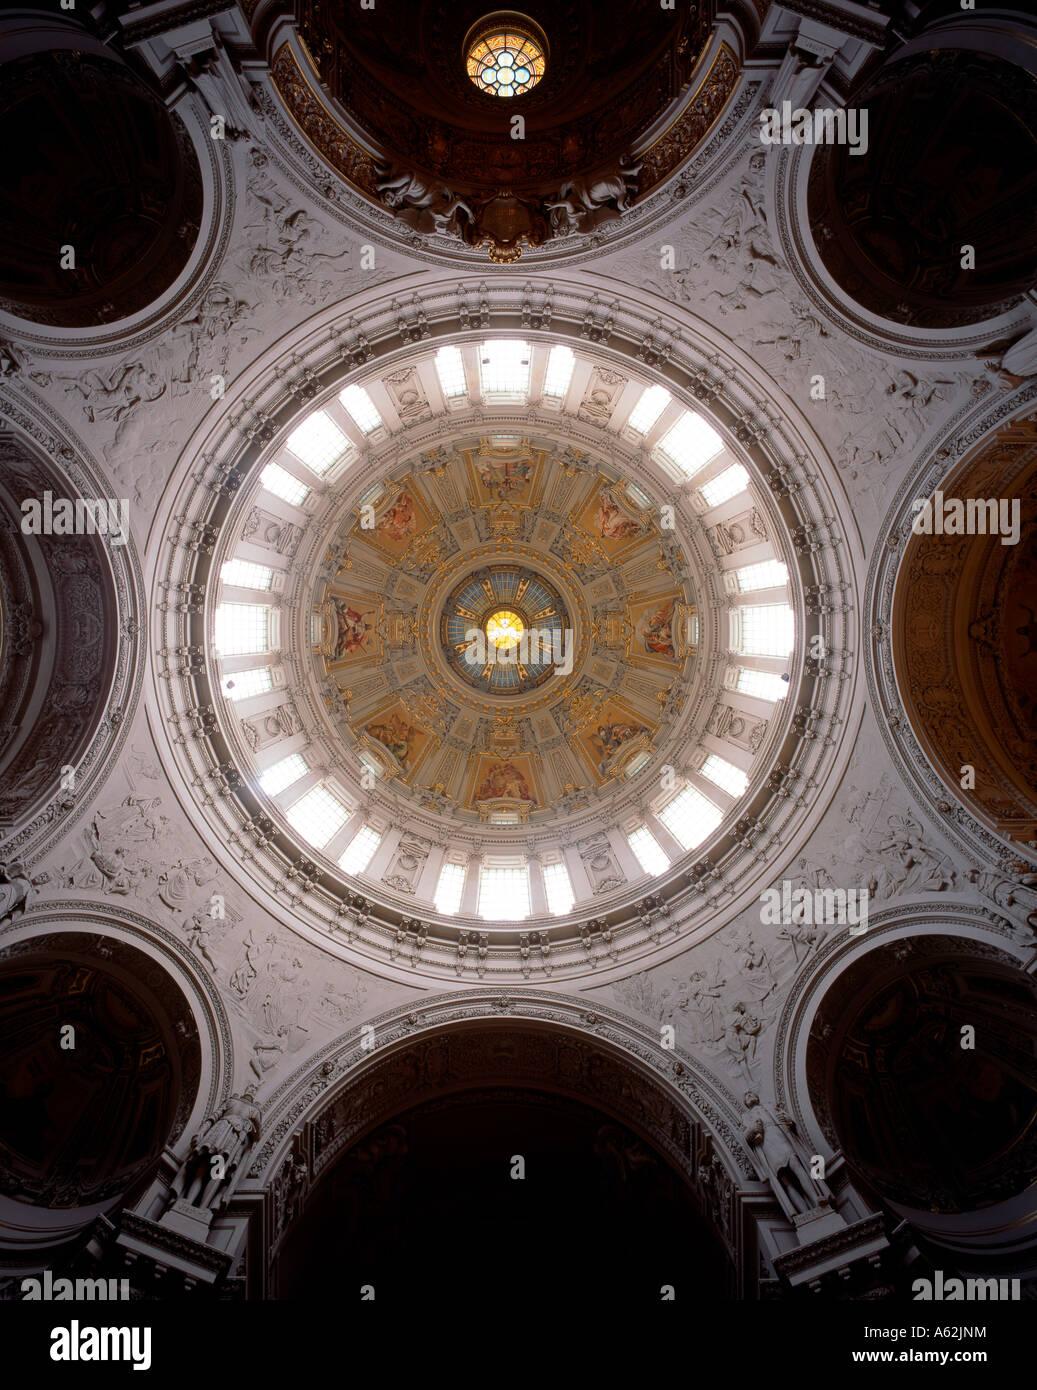 Berlin, Dom, Blick in die Kuppel - Stock Image